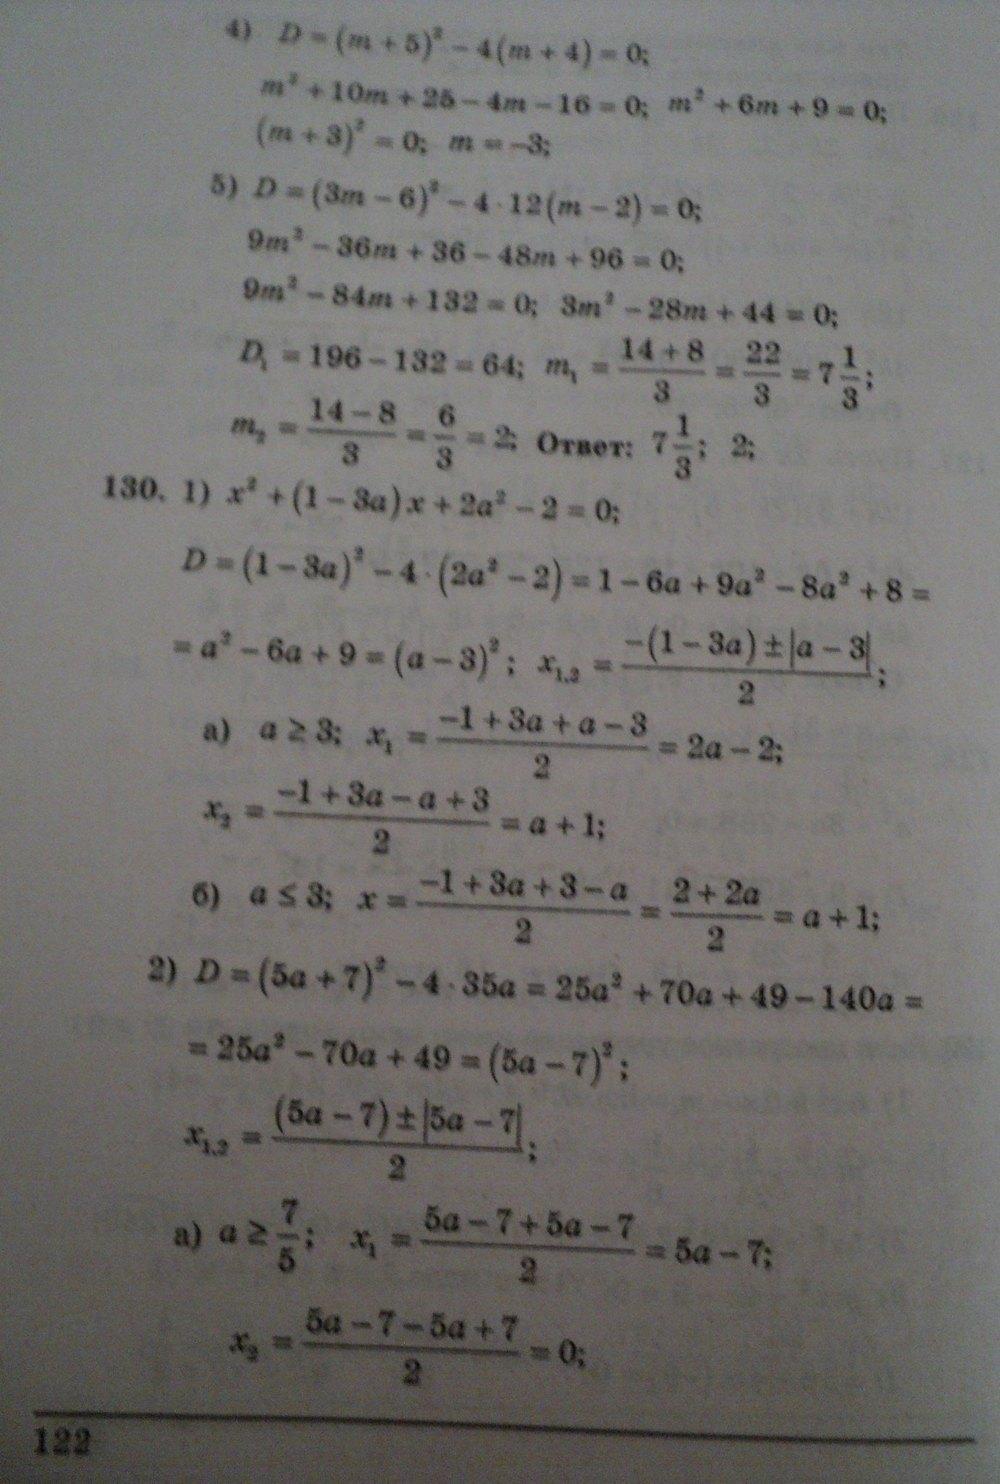 ГДЗ по алгебре 8 класс Щербань П.. Задание: стр. 122